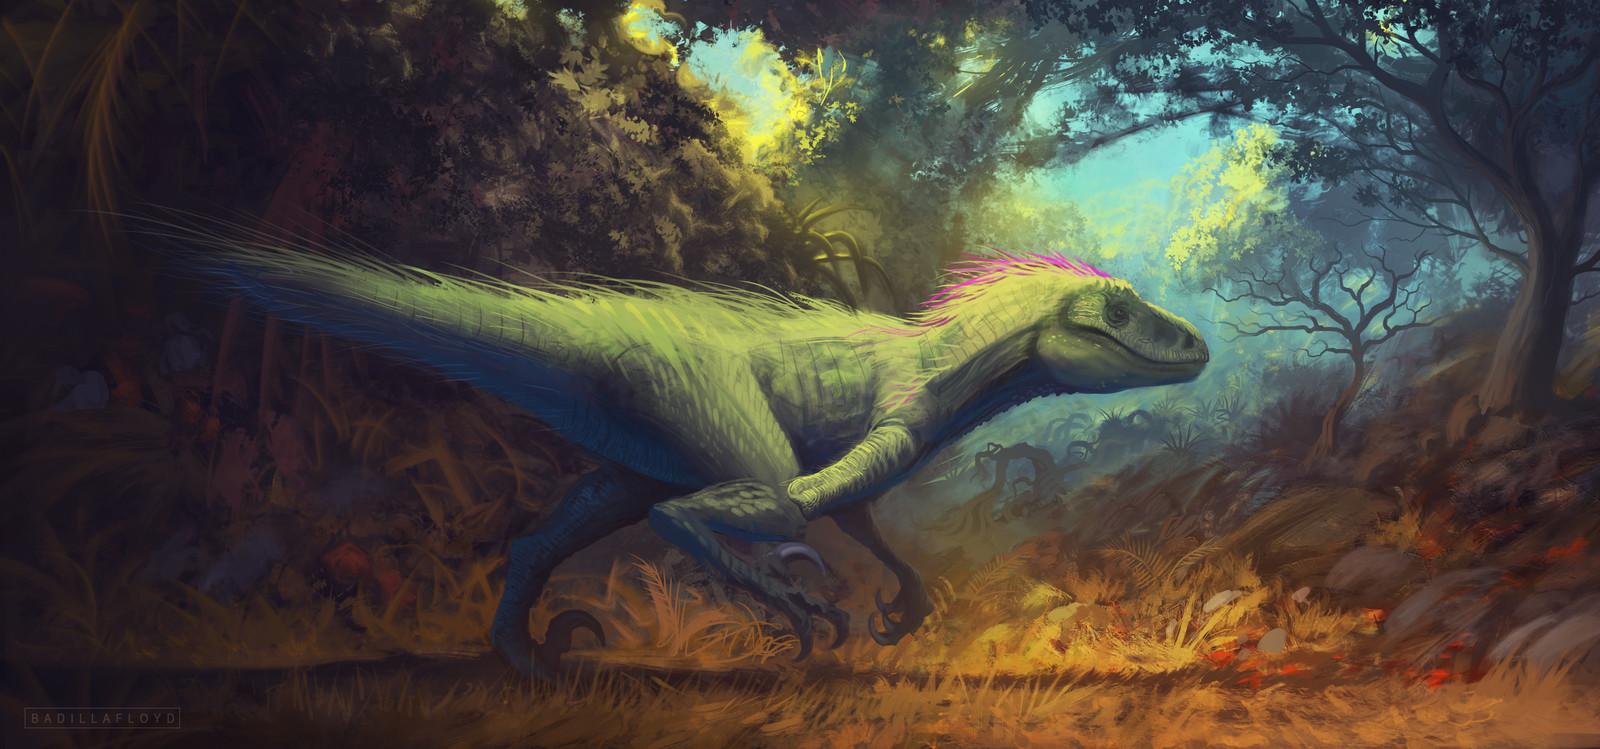 Invalidus Raptor